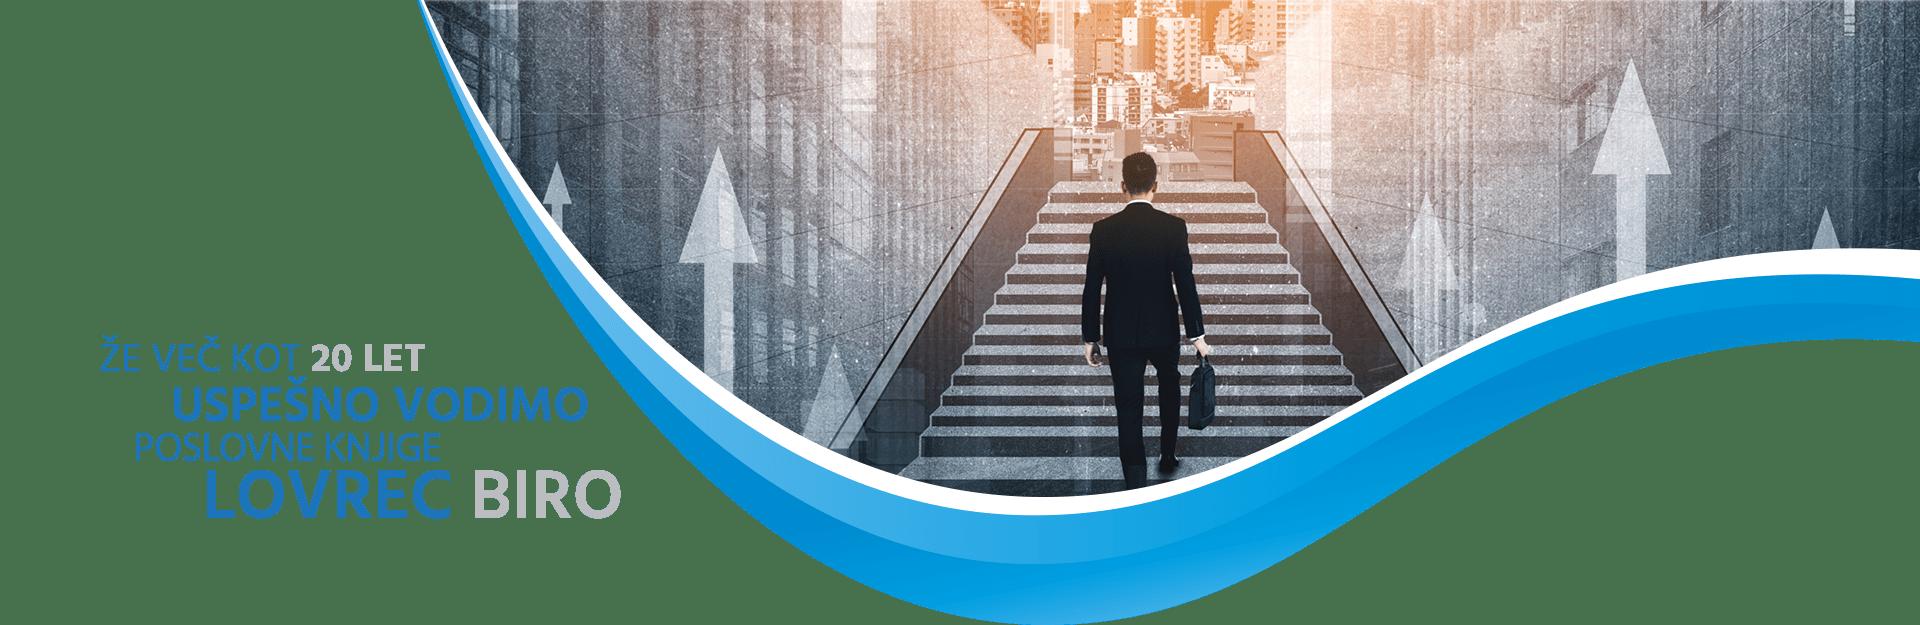 LOVREC BIRO, Obdelava računovodskih, knjigovodskih in drugih podatkov, davčna napoved, računovodski servis, osebne finance, Ljutomer - lovrecbiro-slider-image-txt-with-txt-3! Računovodski servis Ljutomer, kvalitetni računovodski servis